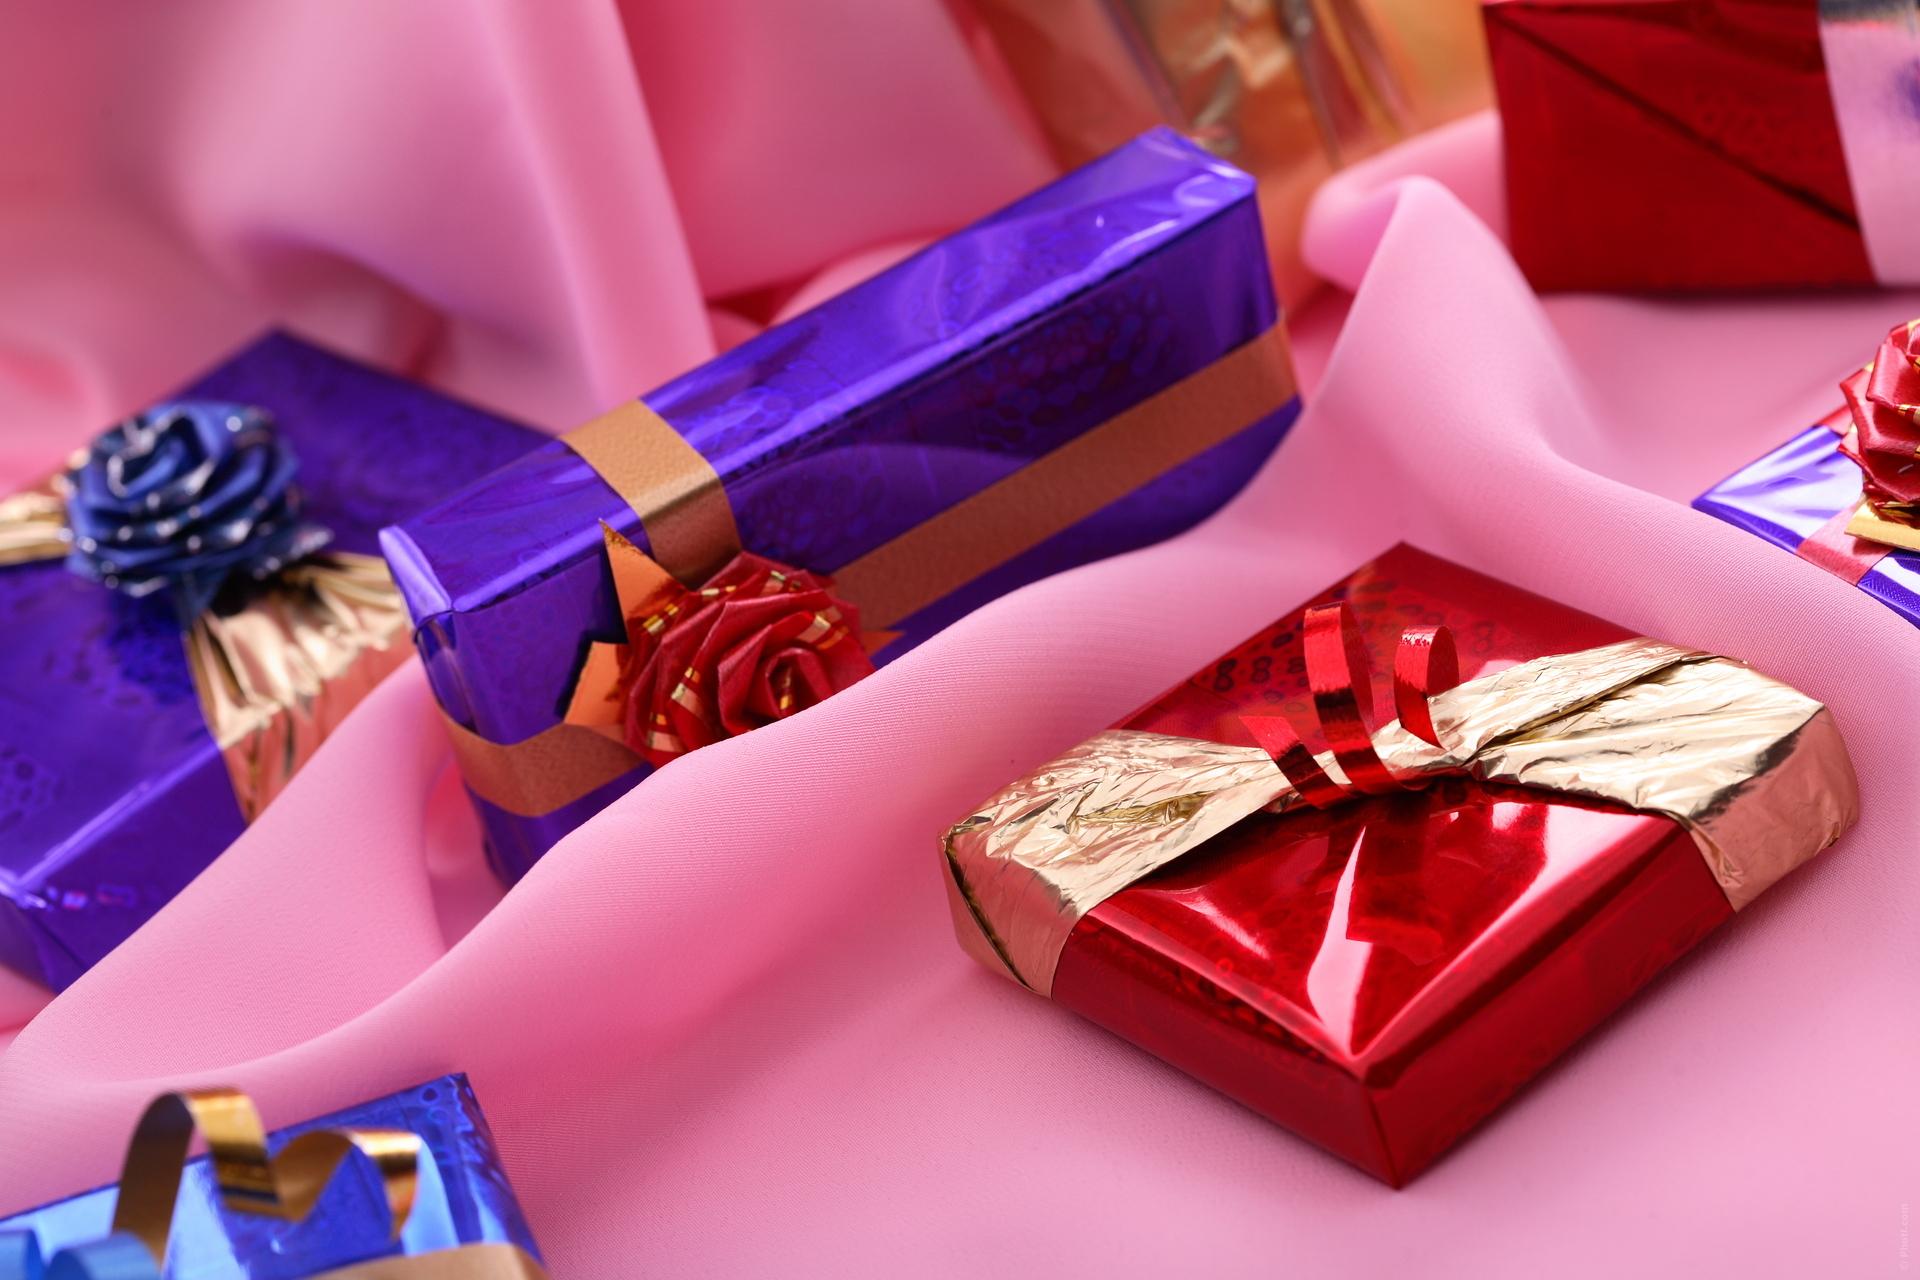 Подарки для влюбленных - подарок любимой девушке, оригинальный подарок 15